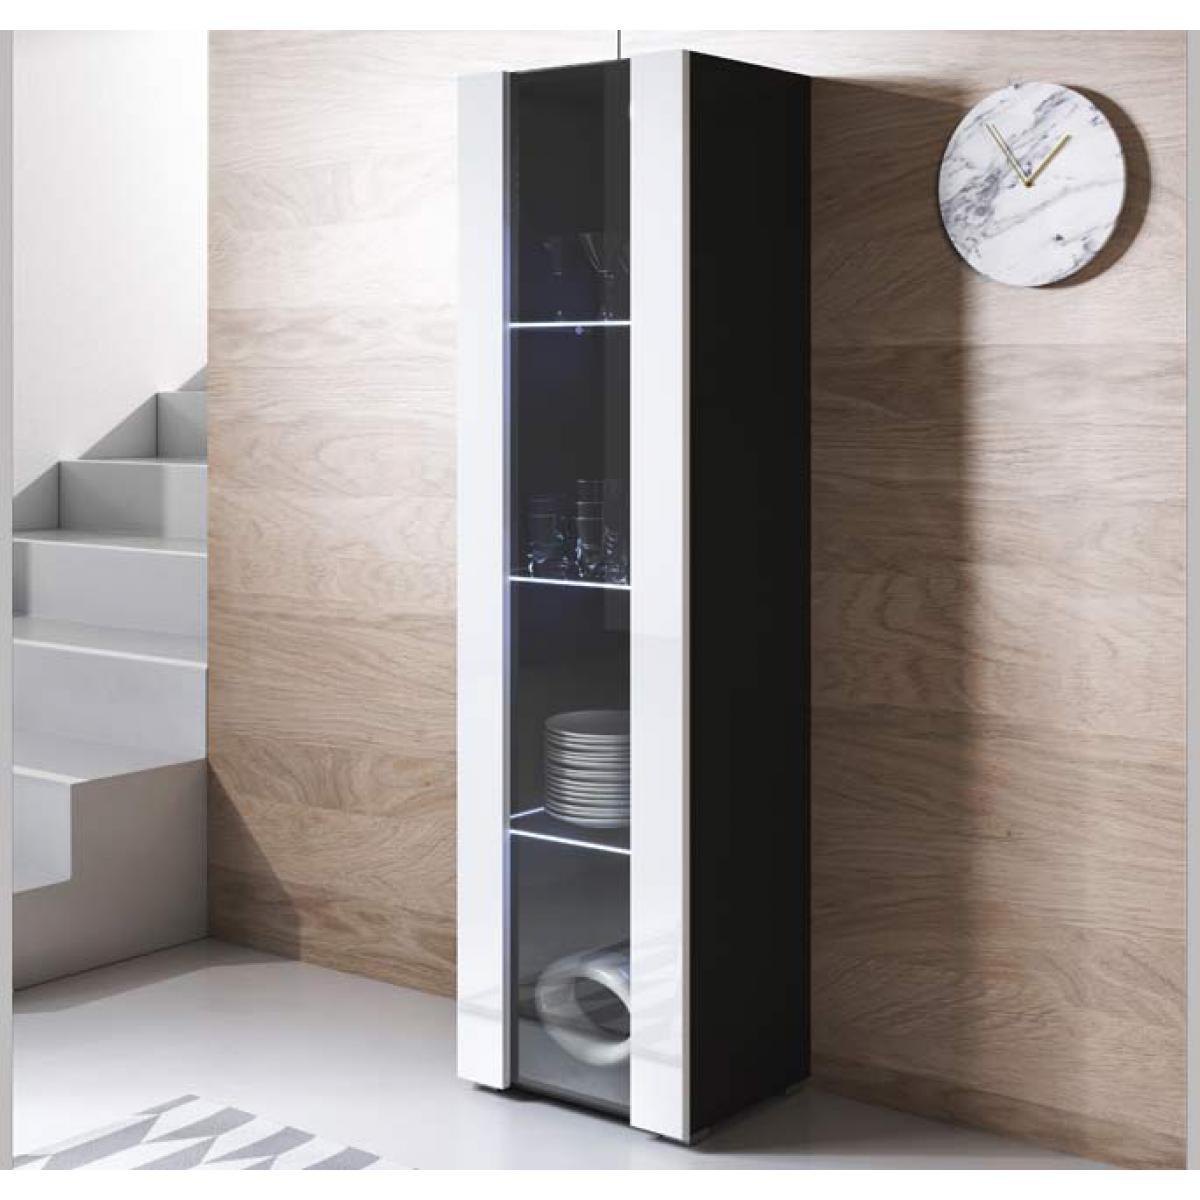 Design Ameublement Vitrine modèle Luke V5 (40x167cm) couleur noir et blanc avec pieds standard